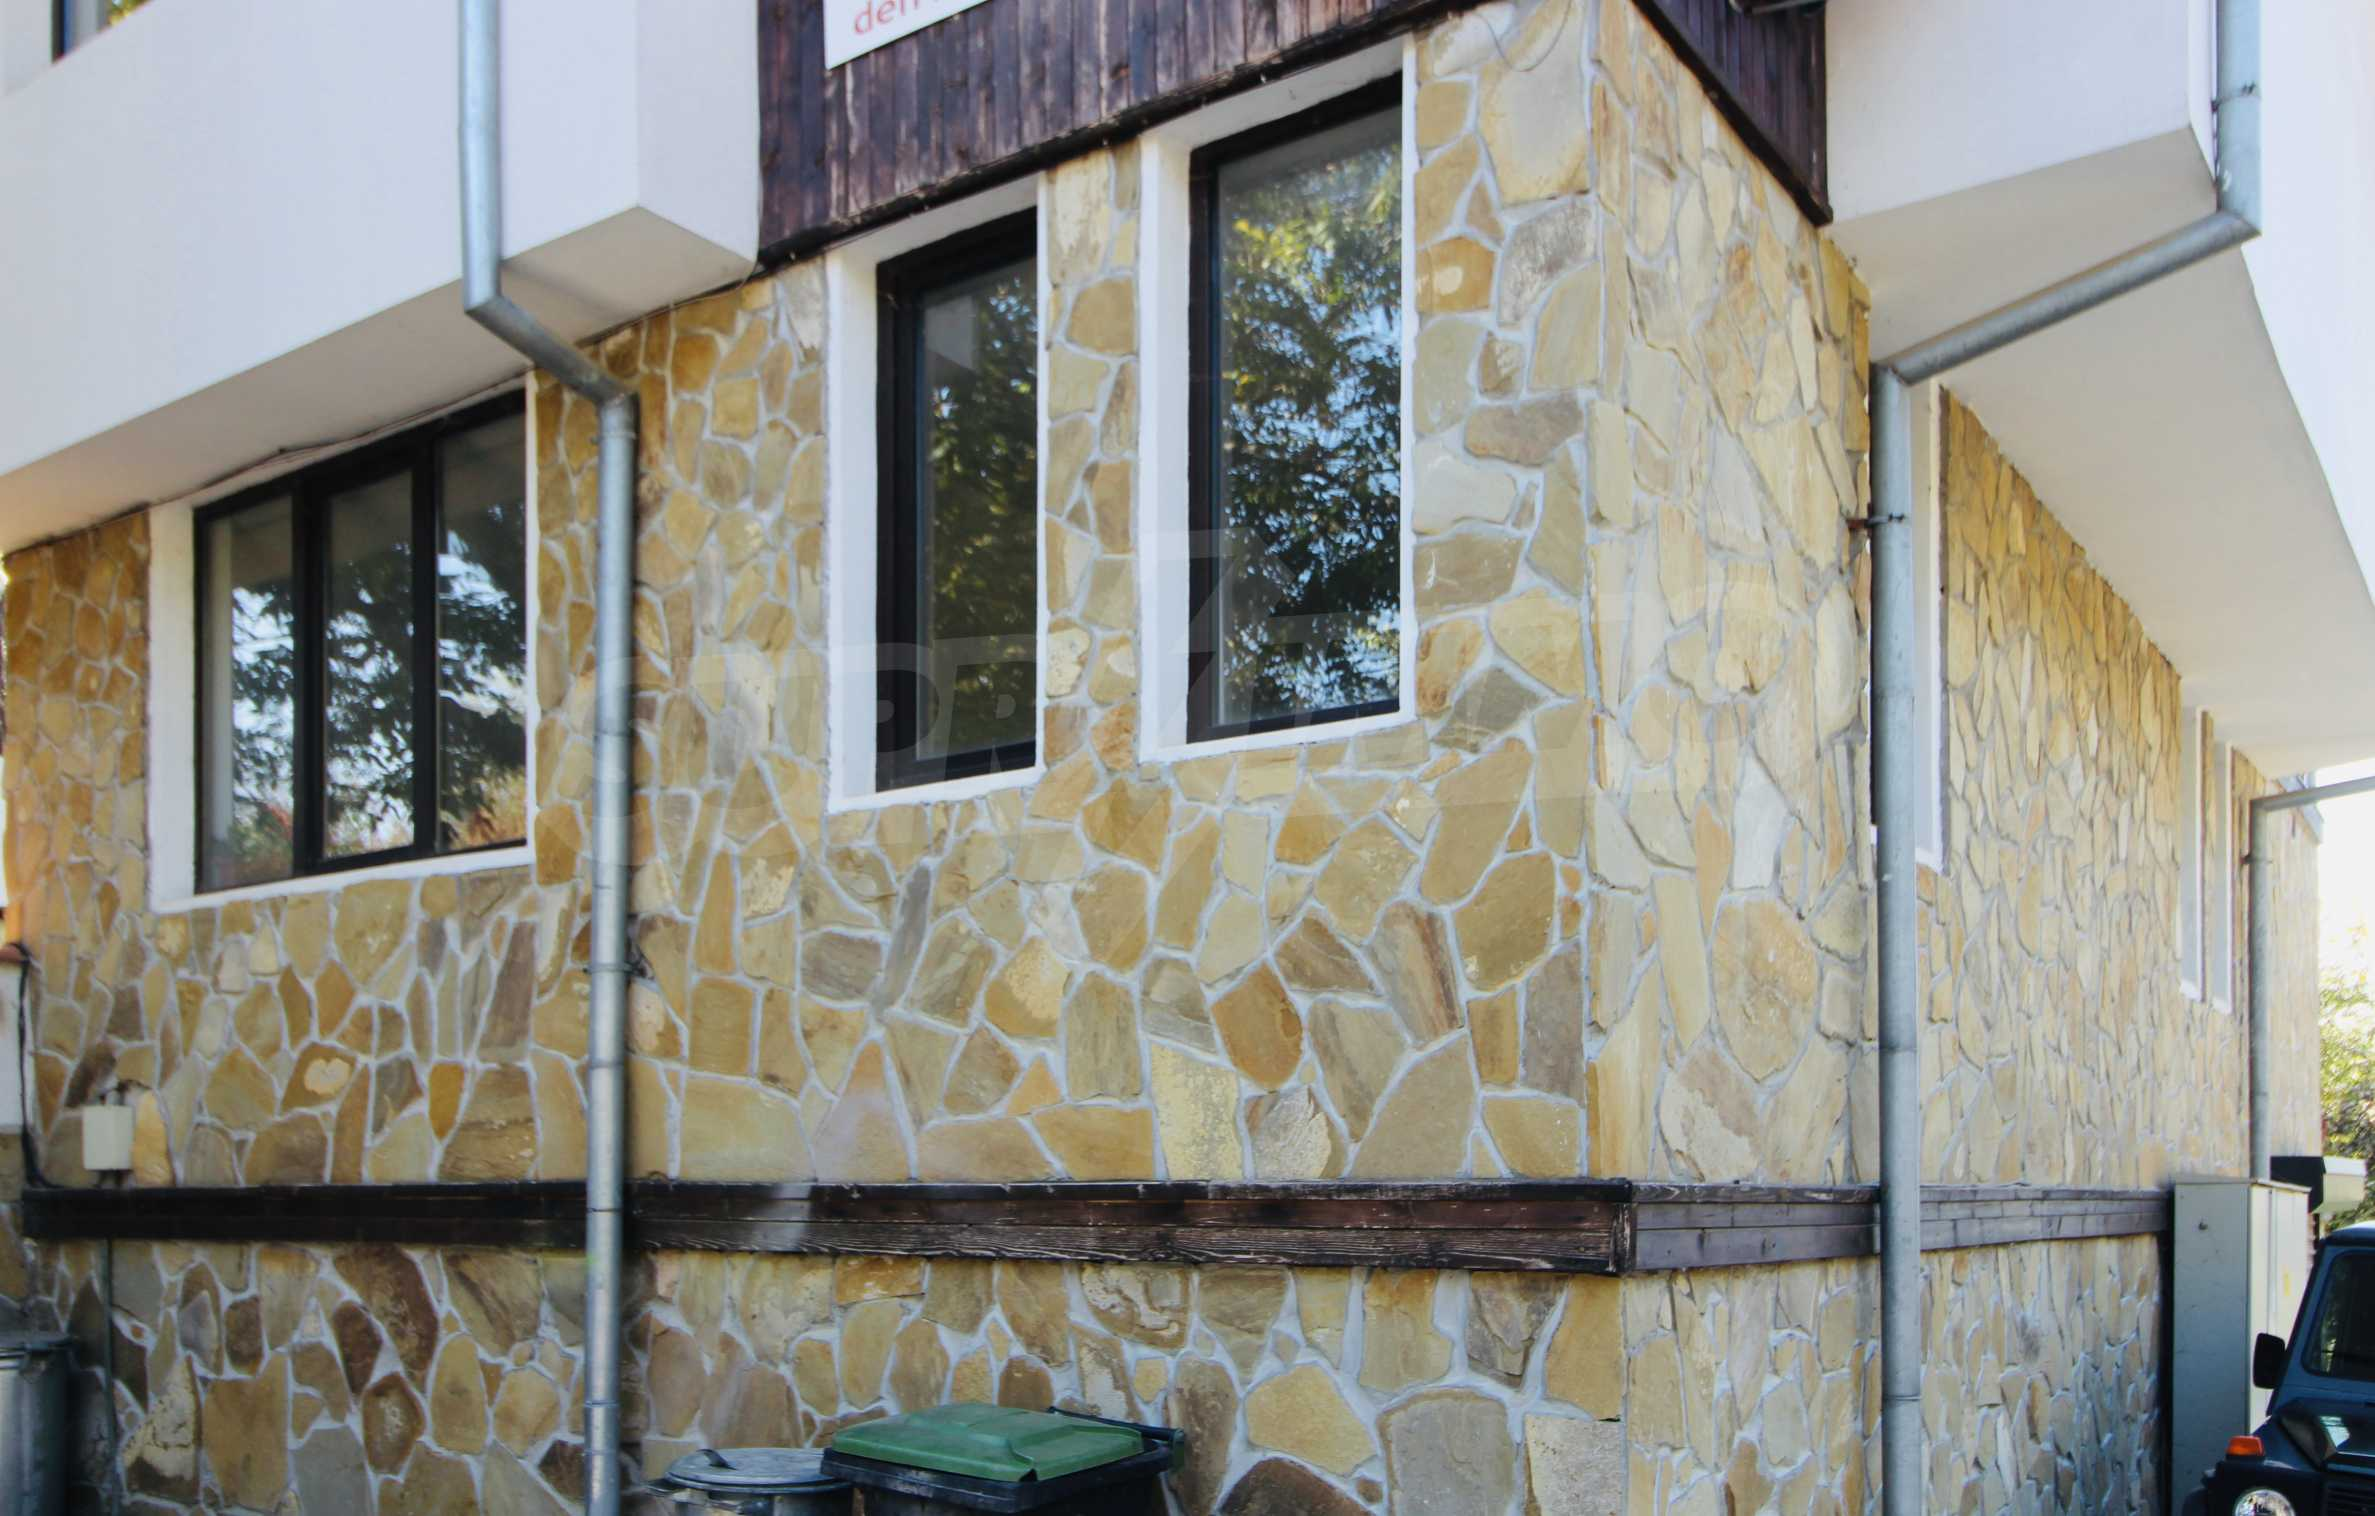 Zwei-Zimmer-Wohnung mit Parkplatz und Keller in der berühmten architektonischen Reserve Arbanassi 12